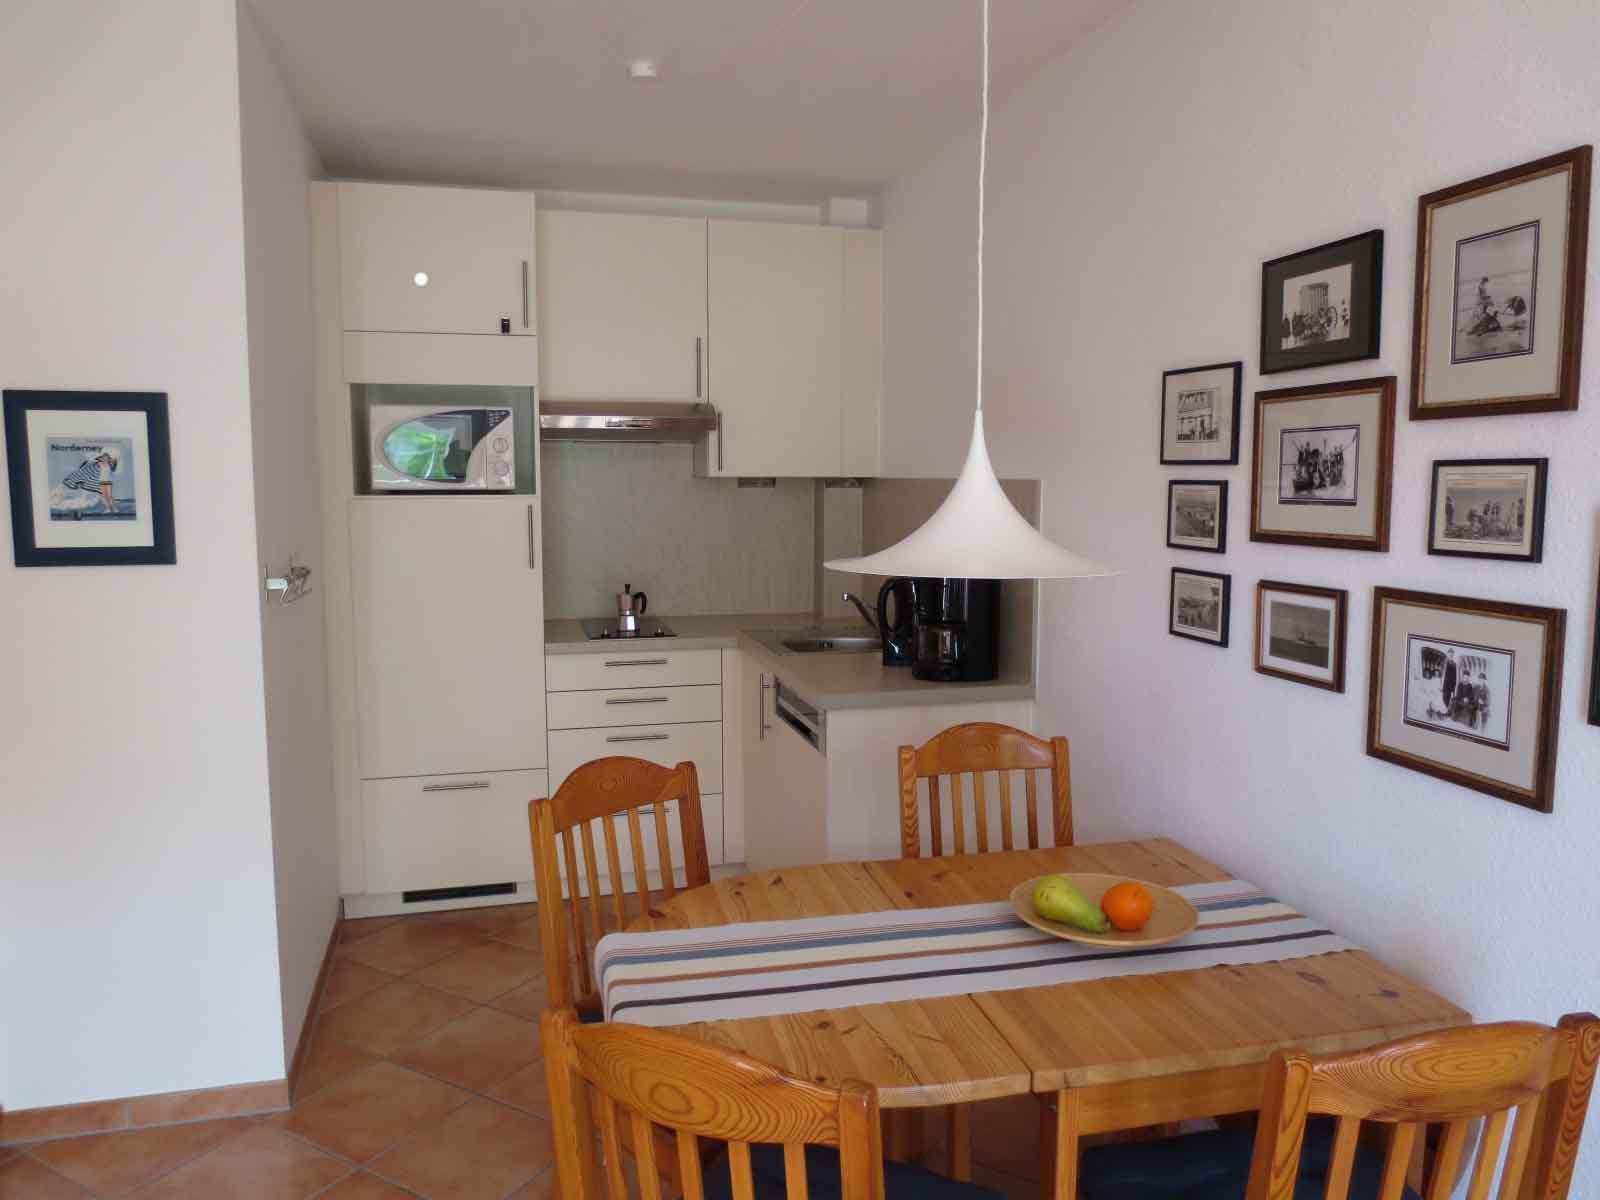 Küche Erneuern Wohnung Beeindruckend Günstig Renovieren Sehr